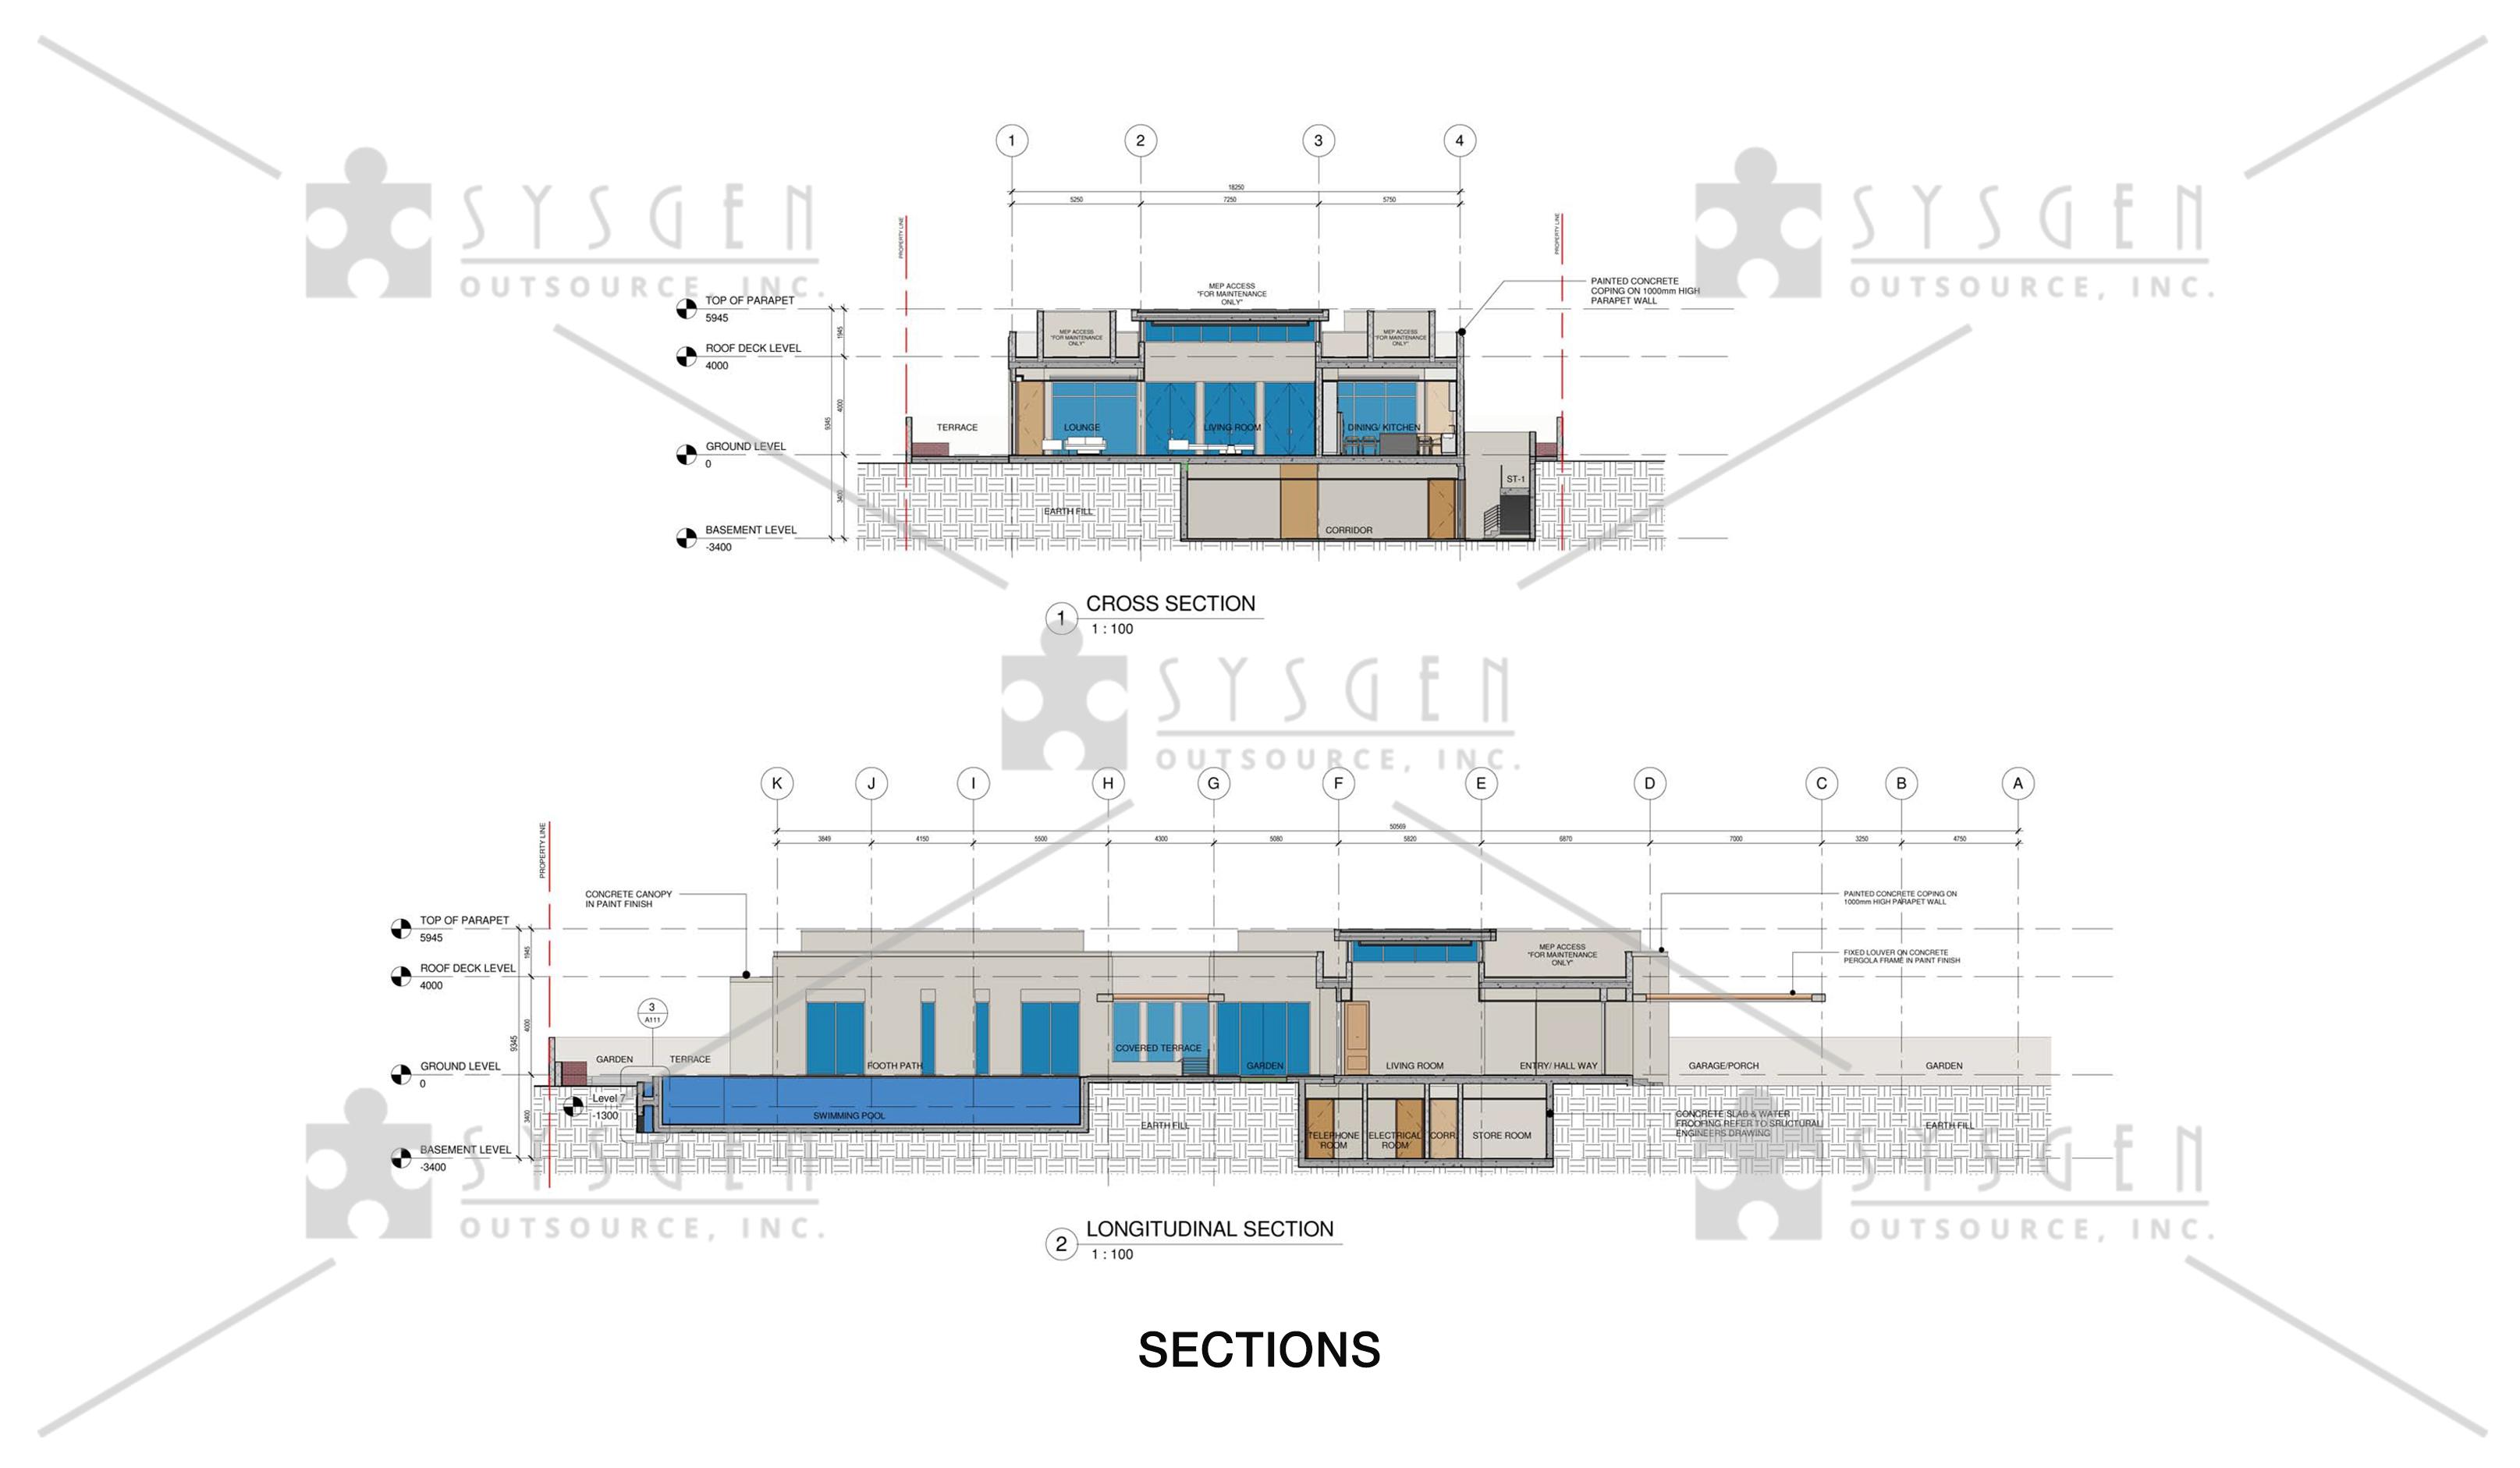 sysgen-outsource-cad-outsourcing-services-cad-conversions-revit-villas9